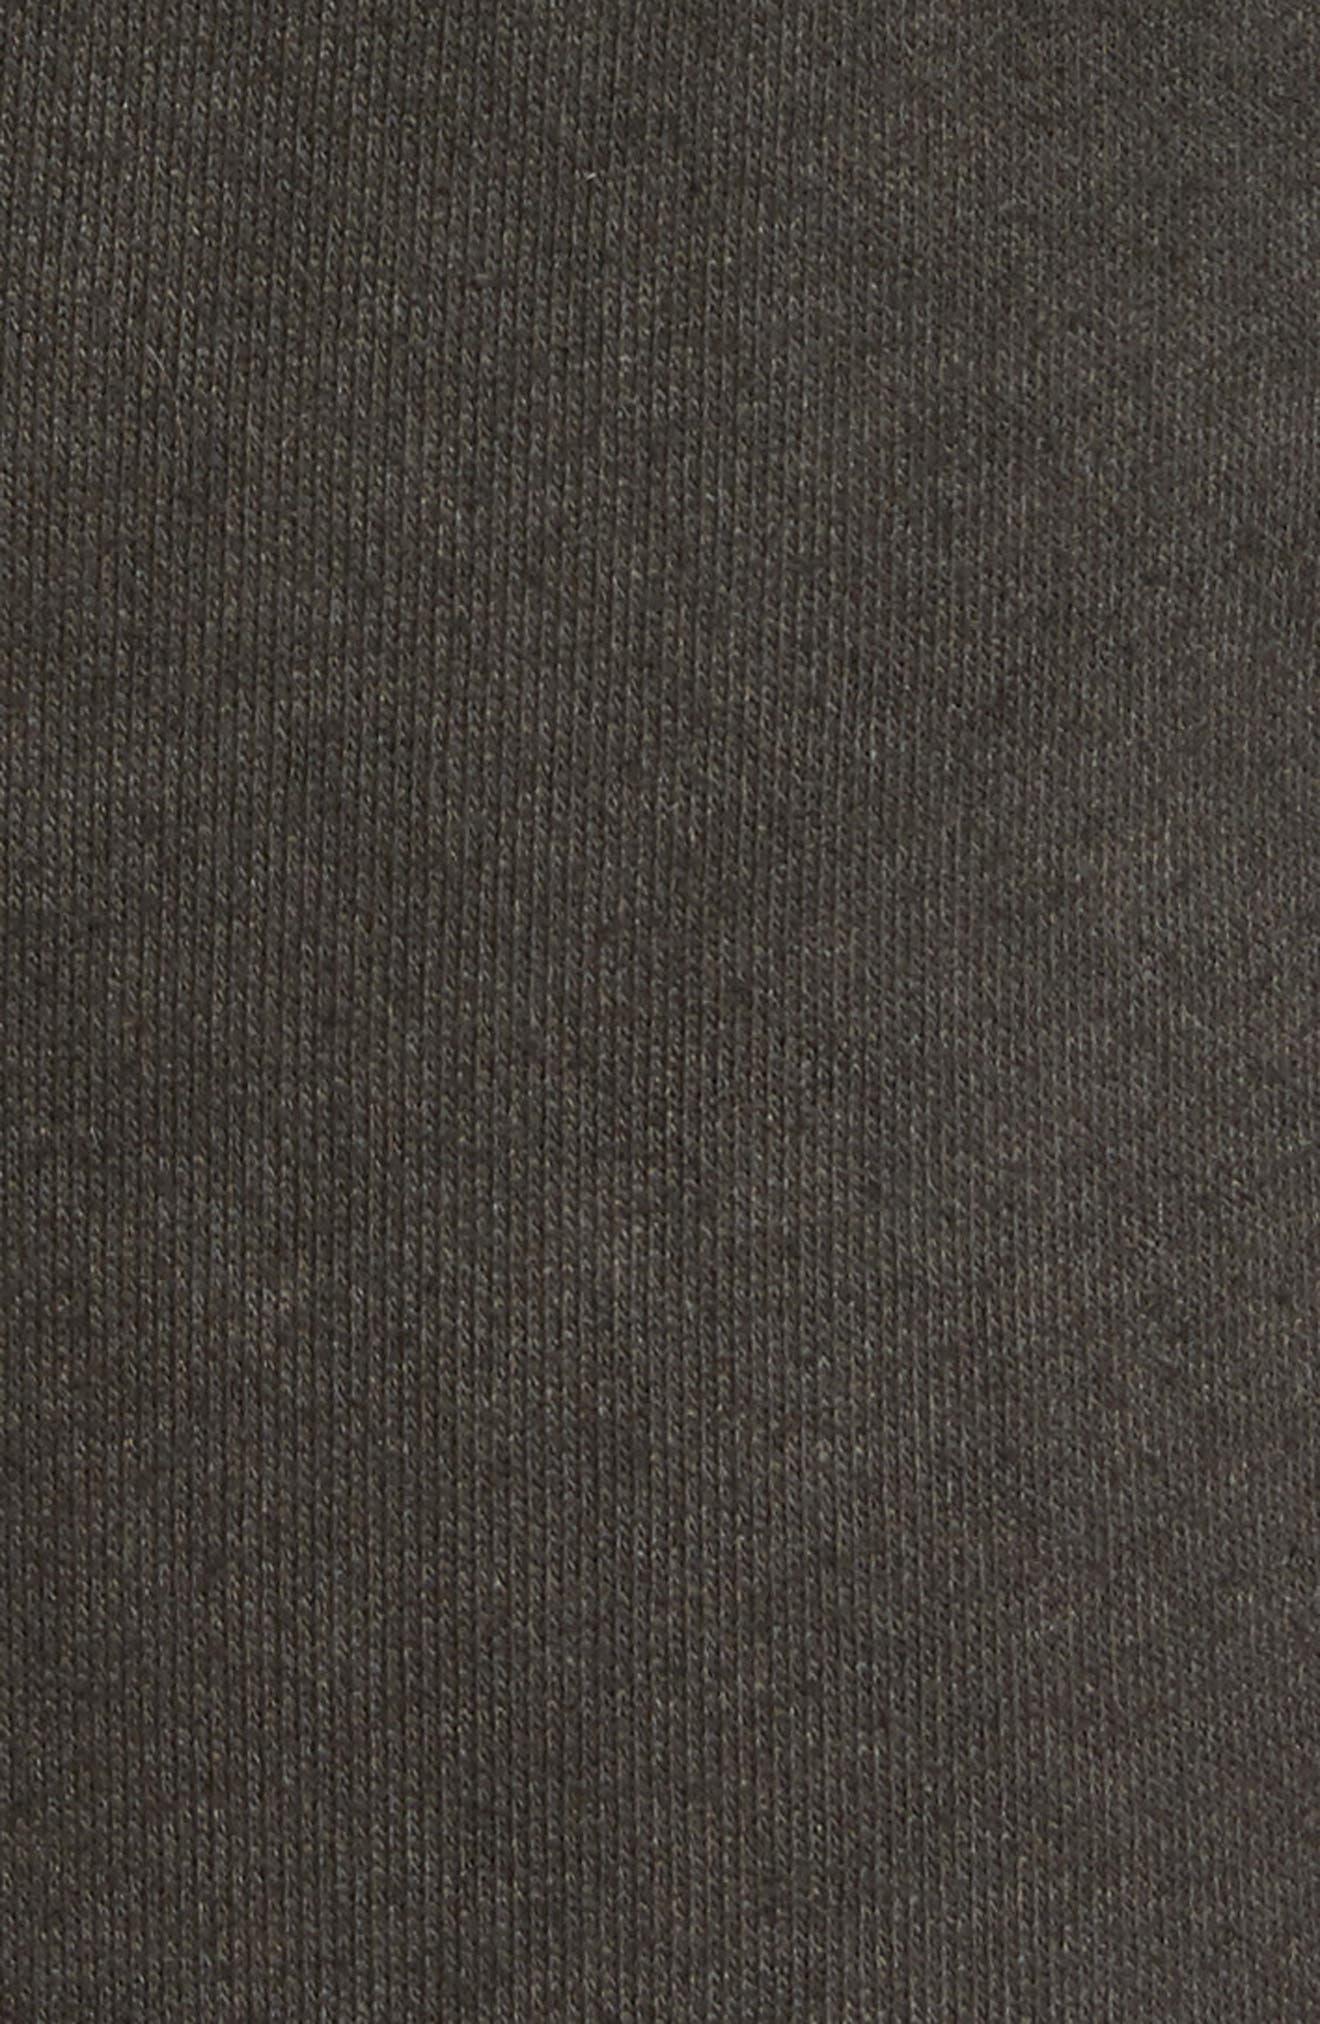 Lace-Up Sweatpants,                             Alternate thumbnail 5, color,                             006